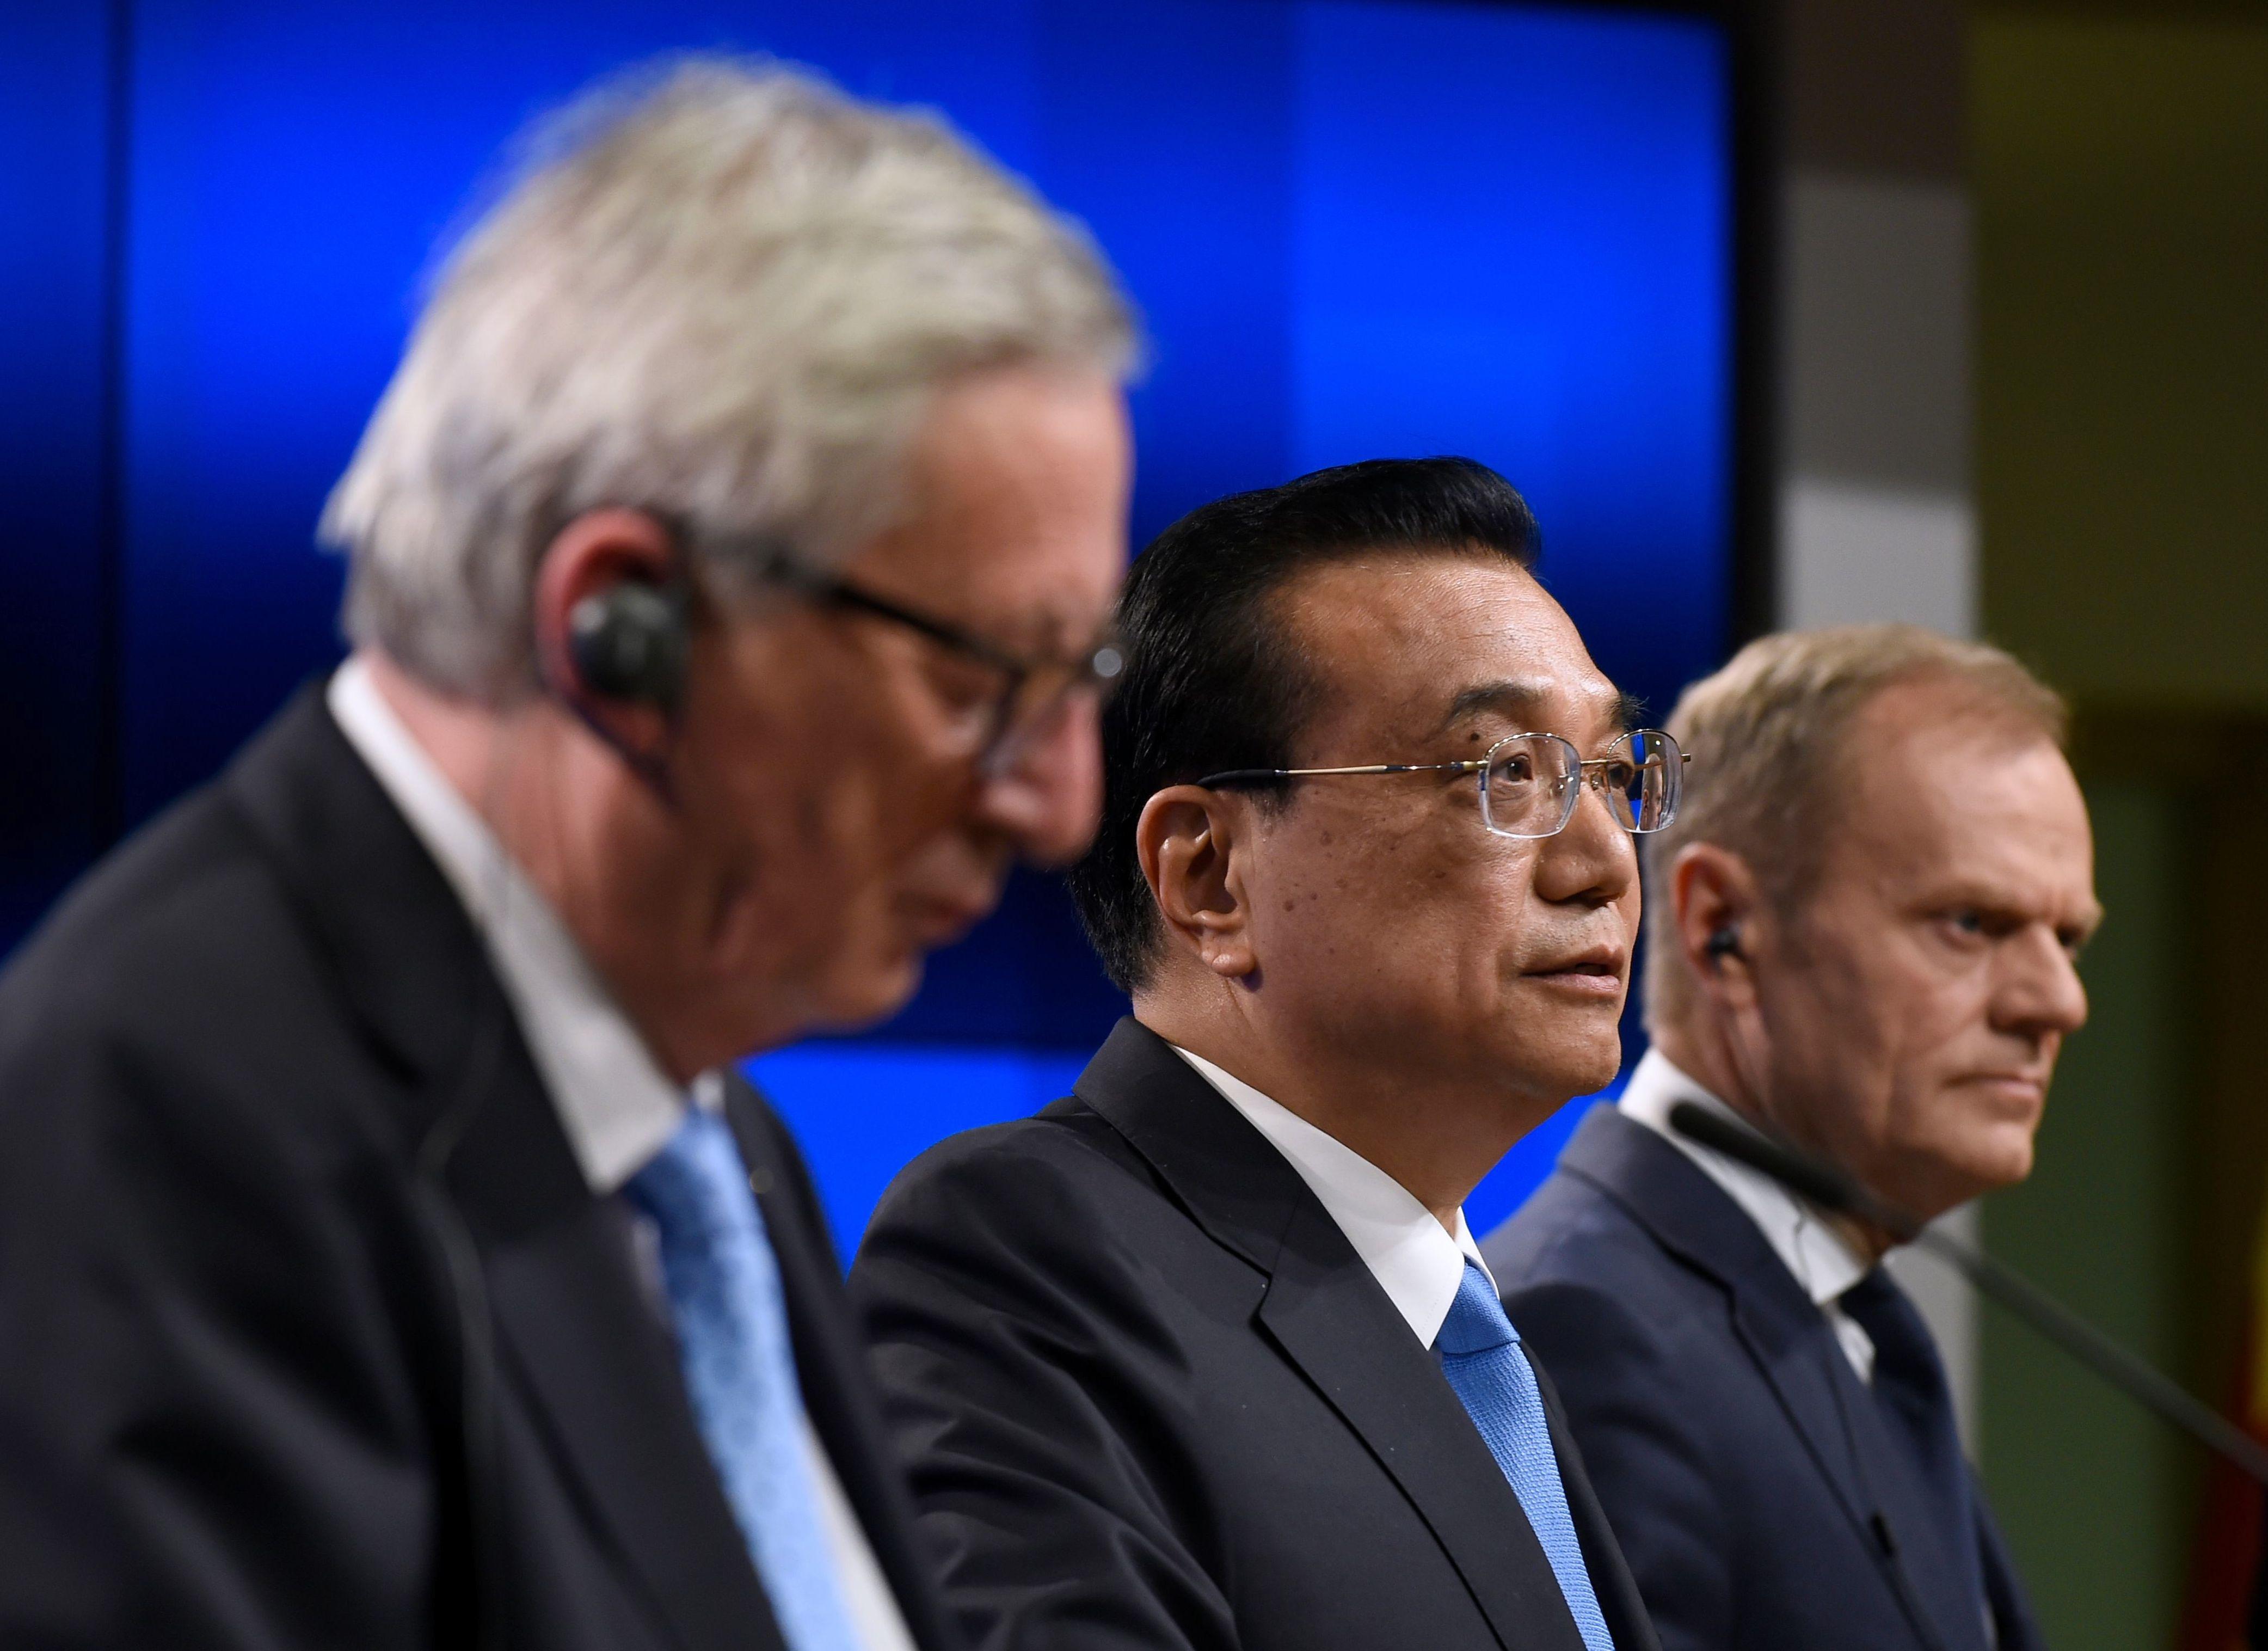 中歐聯合聲明強調監督和執行 歐盟對華轉強